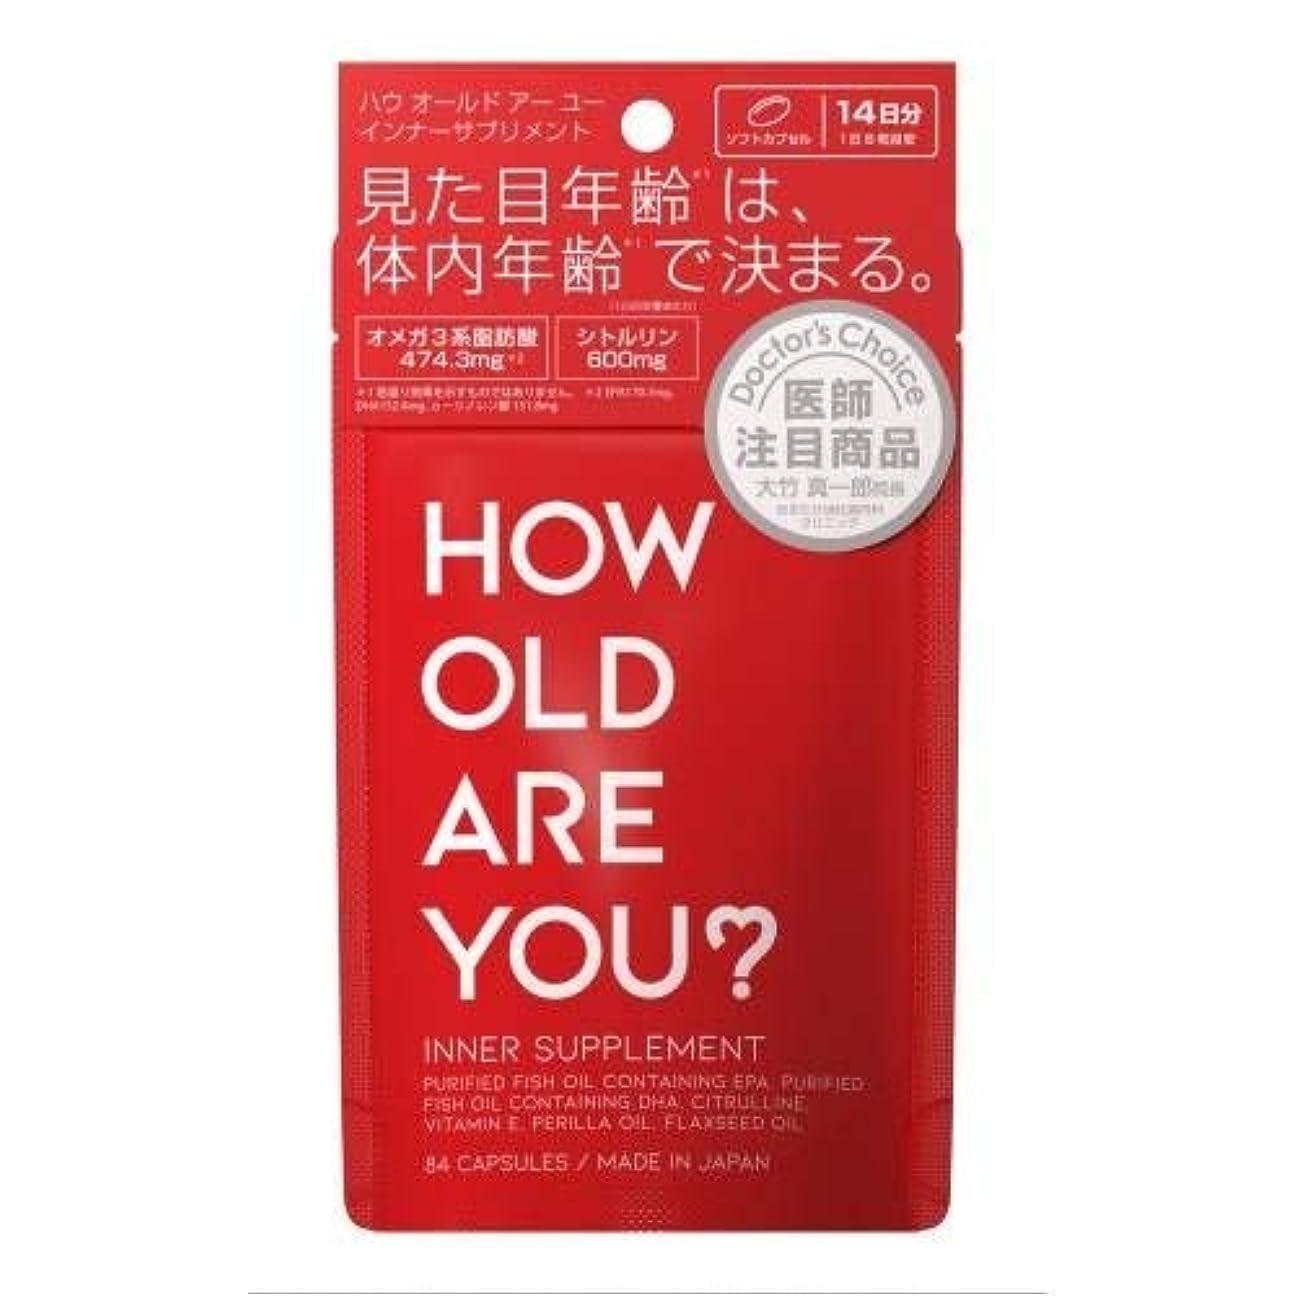 一節等しい生まれHOW OLD ARE YOU?(ハウオールドアーユー) インナーサプリメント 84粒